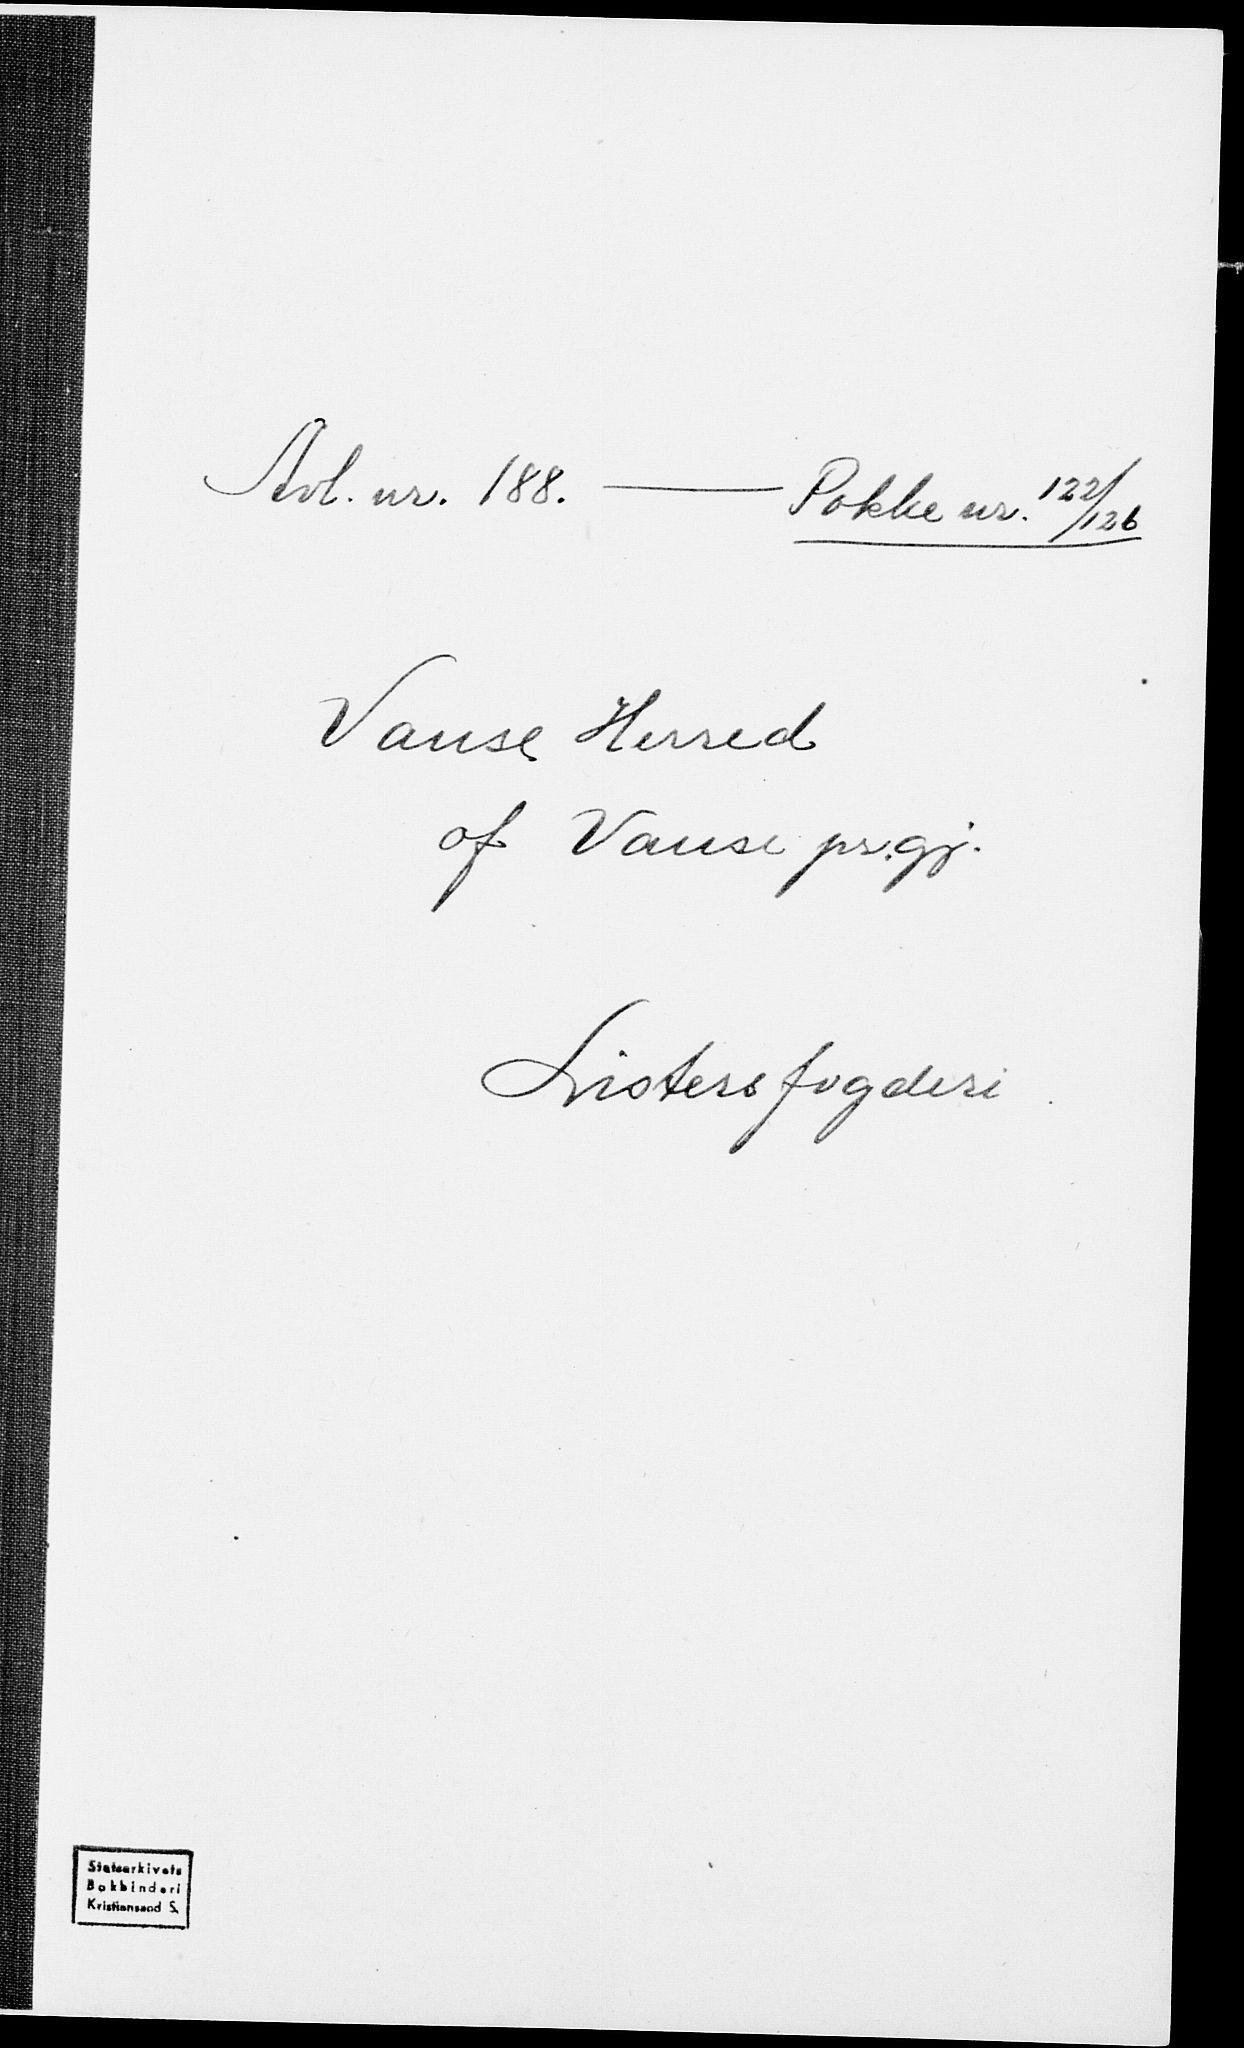 SAK, Folketelling 1875 for 1041L Vanse prestegjeld, Vanse sokn og Farsund landsokn, 1875, s. 1